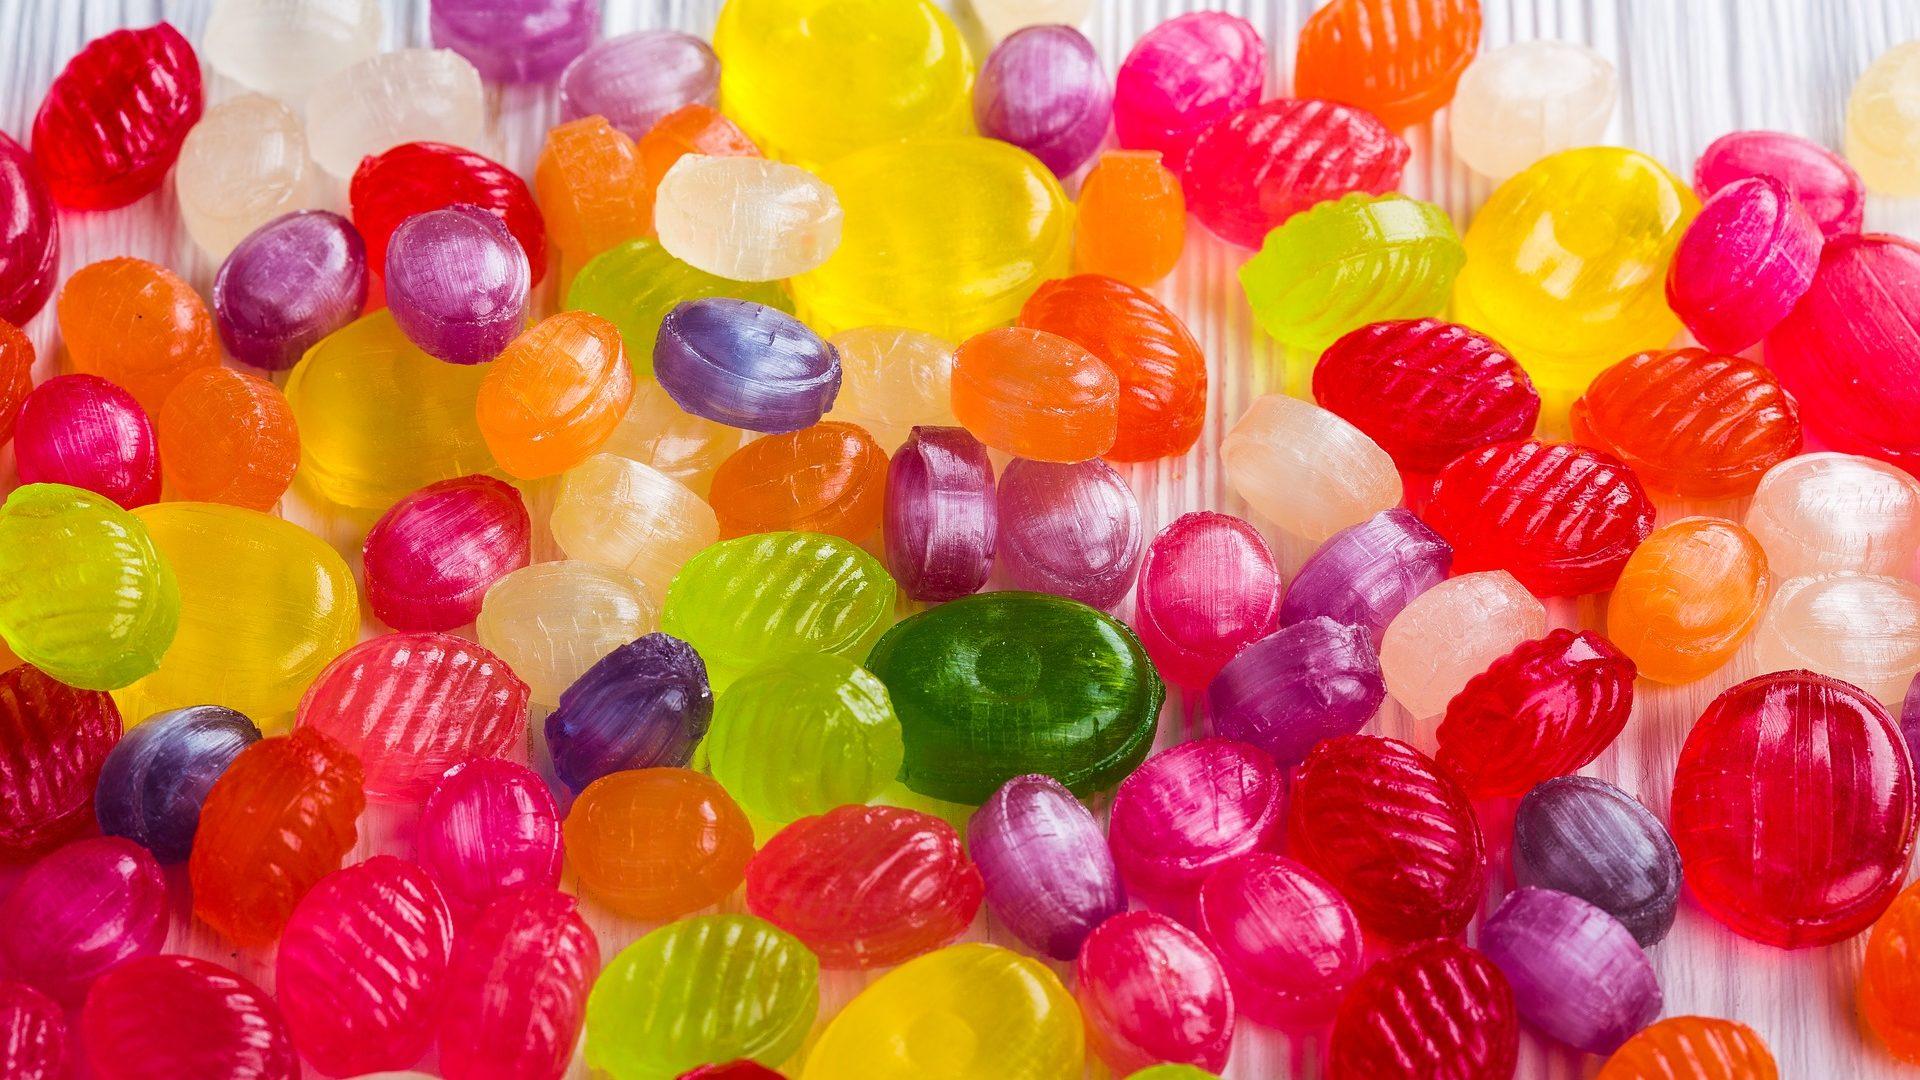 Cuidado con el dulce no tan dulce